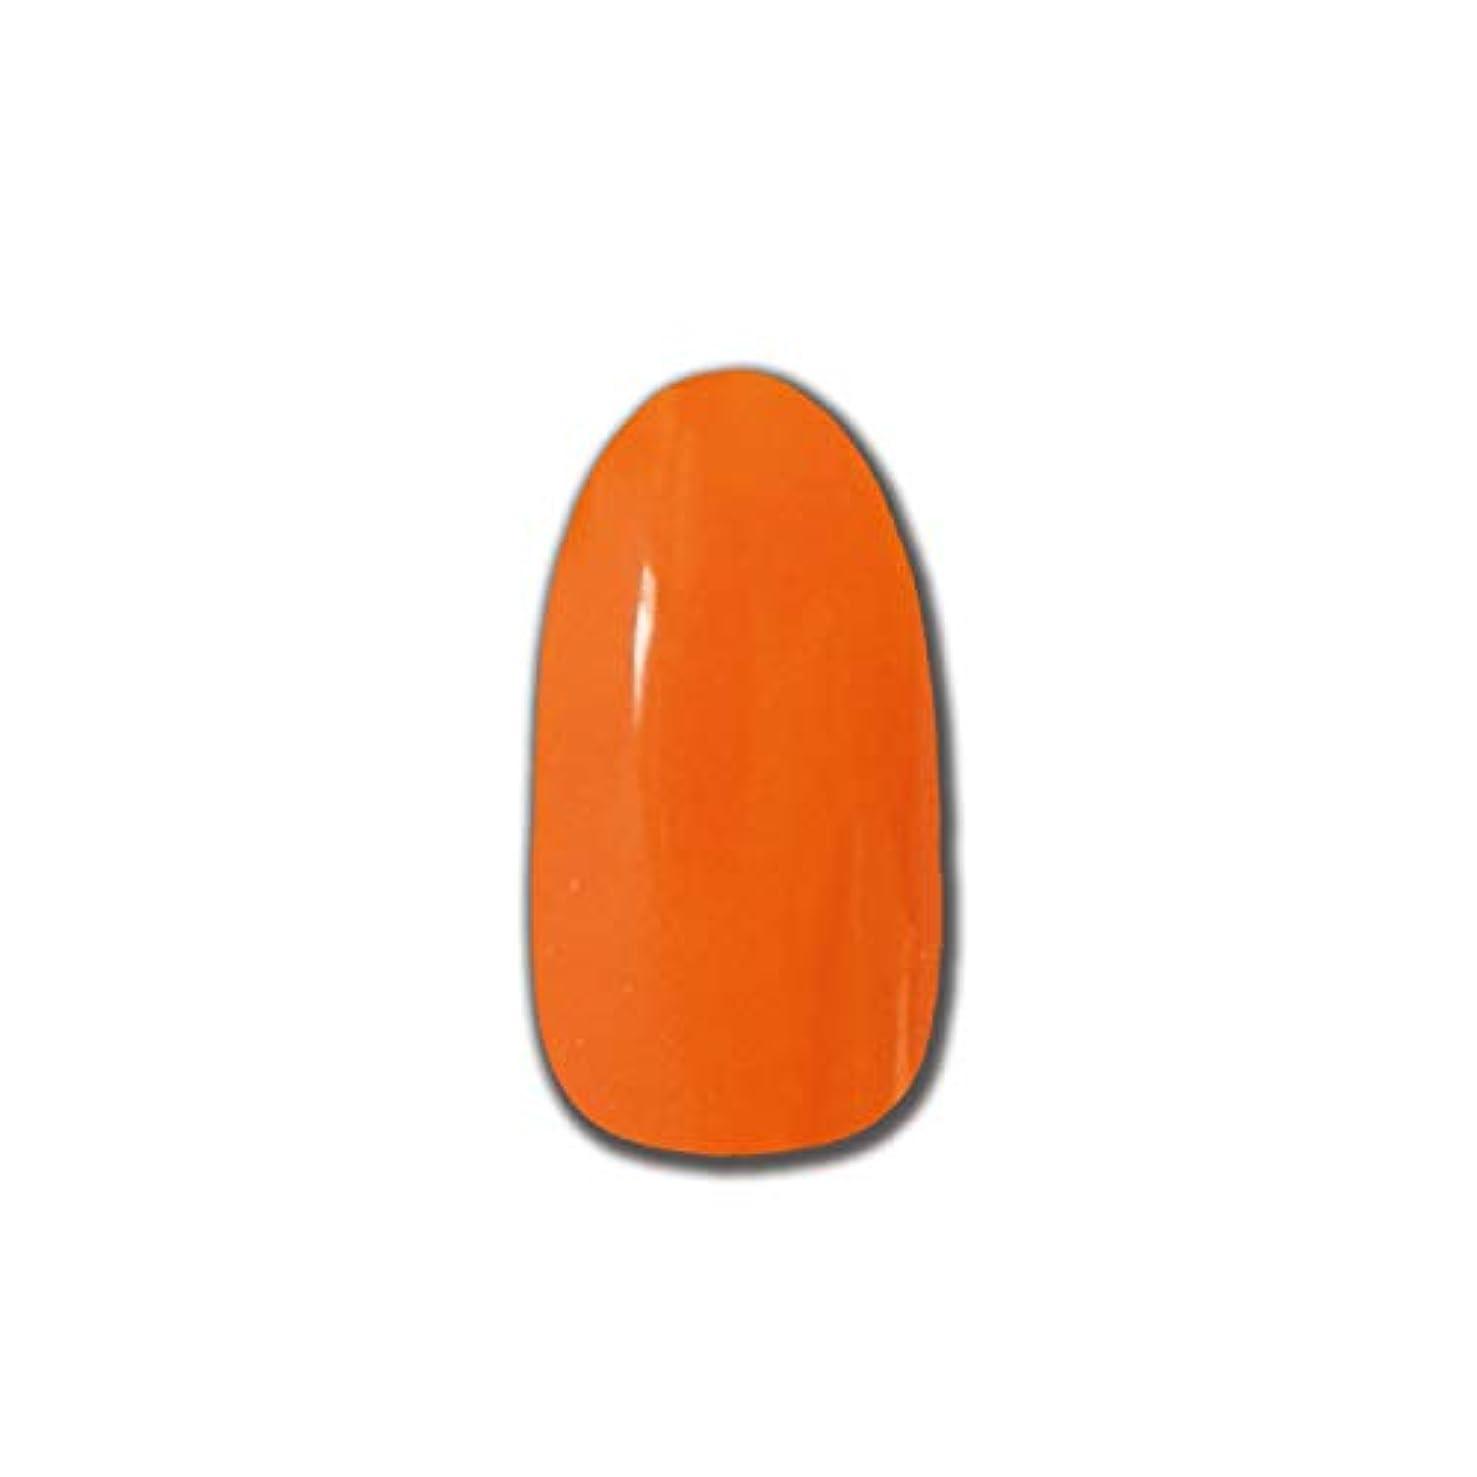 司教たぶん悪いT-GEL COLLECTION カラージェル D144 オレンジ 4ml